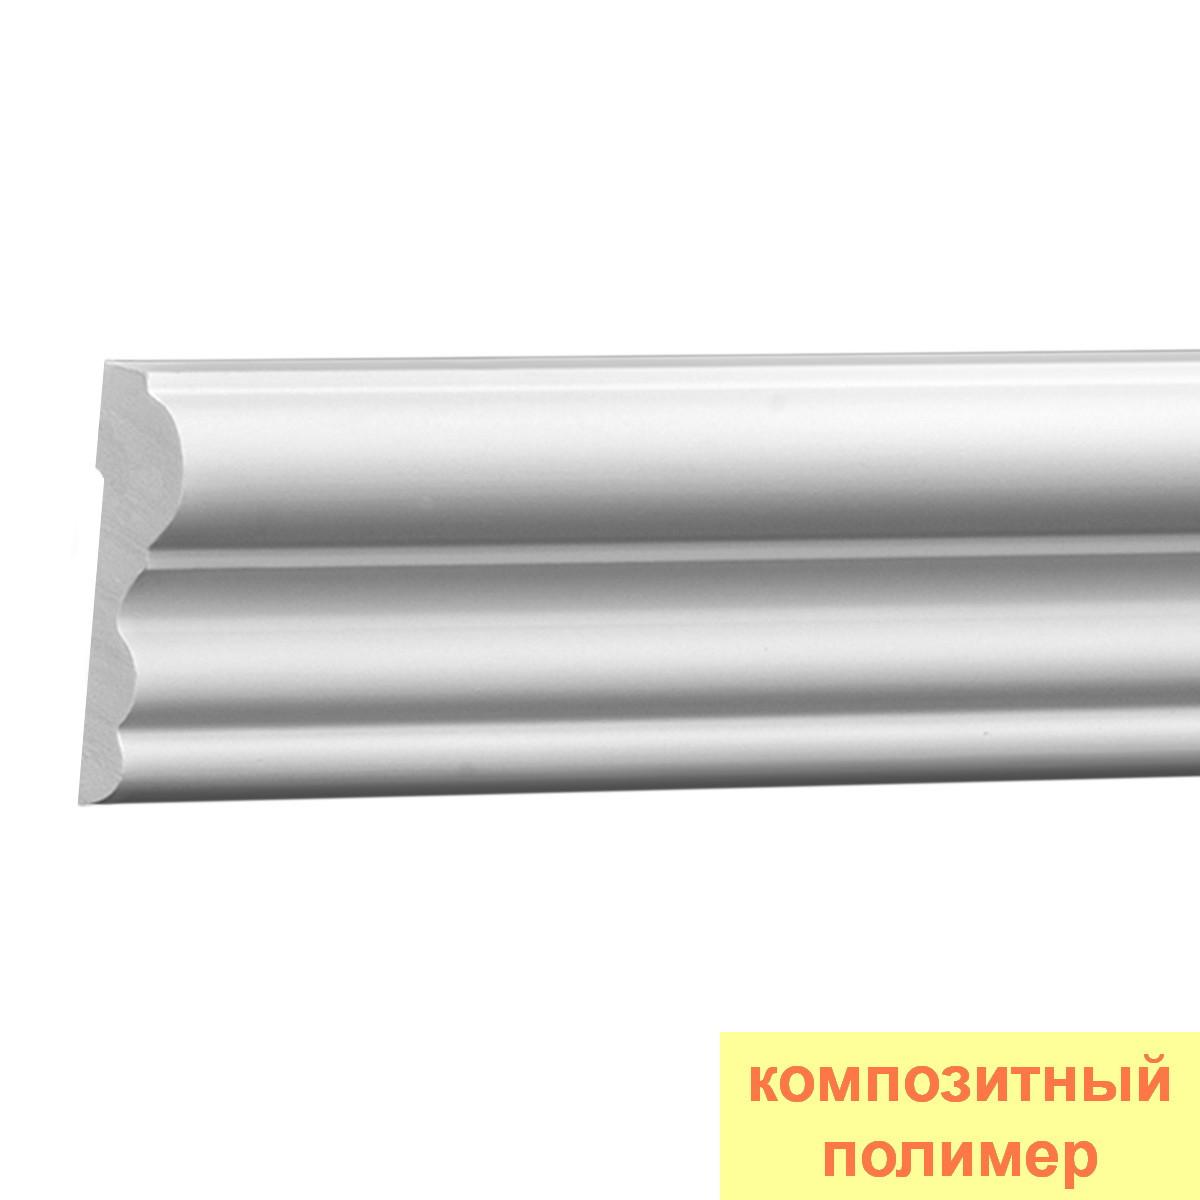 Молдинг Европласт 6.51.400 (44x16)мм